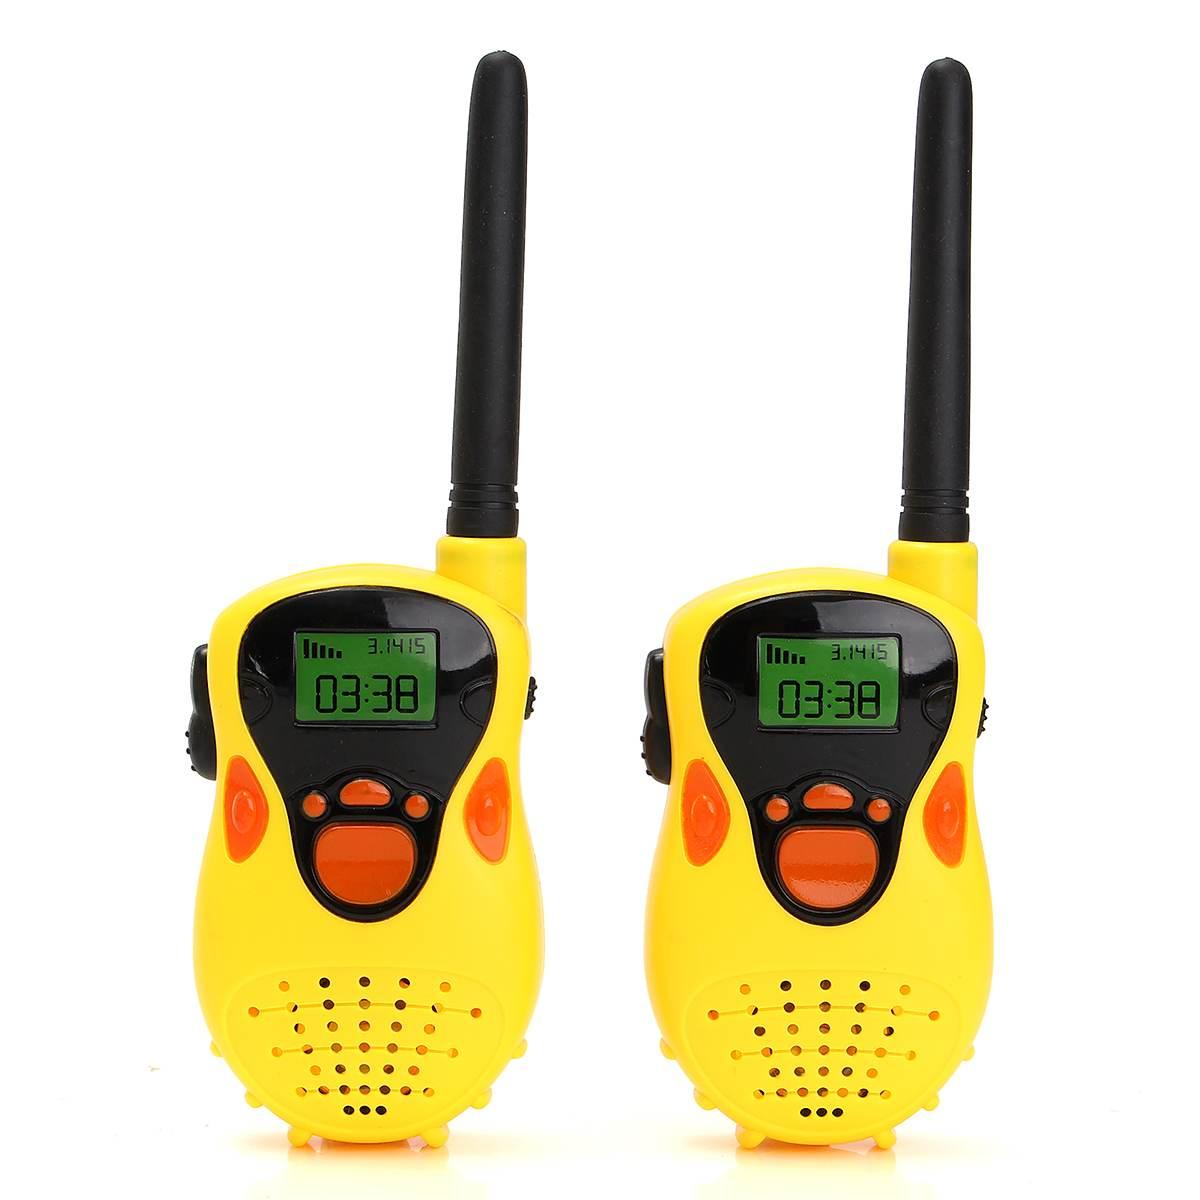 1 Pair Mini Walkie Talkie Kids Radio Two Handheld Channel Walkies Talkie For Children Toy Educational Games Transceiver Kid